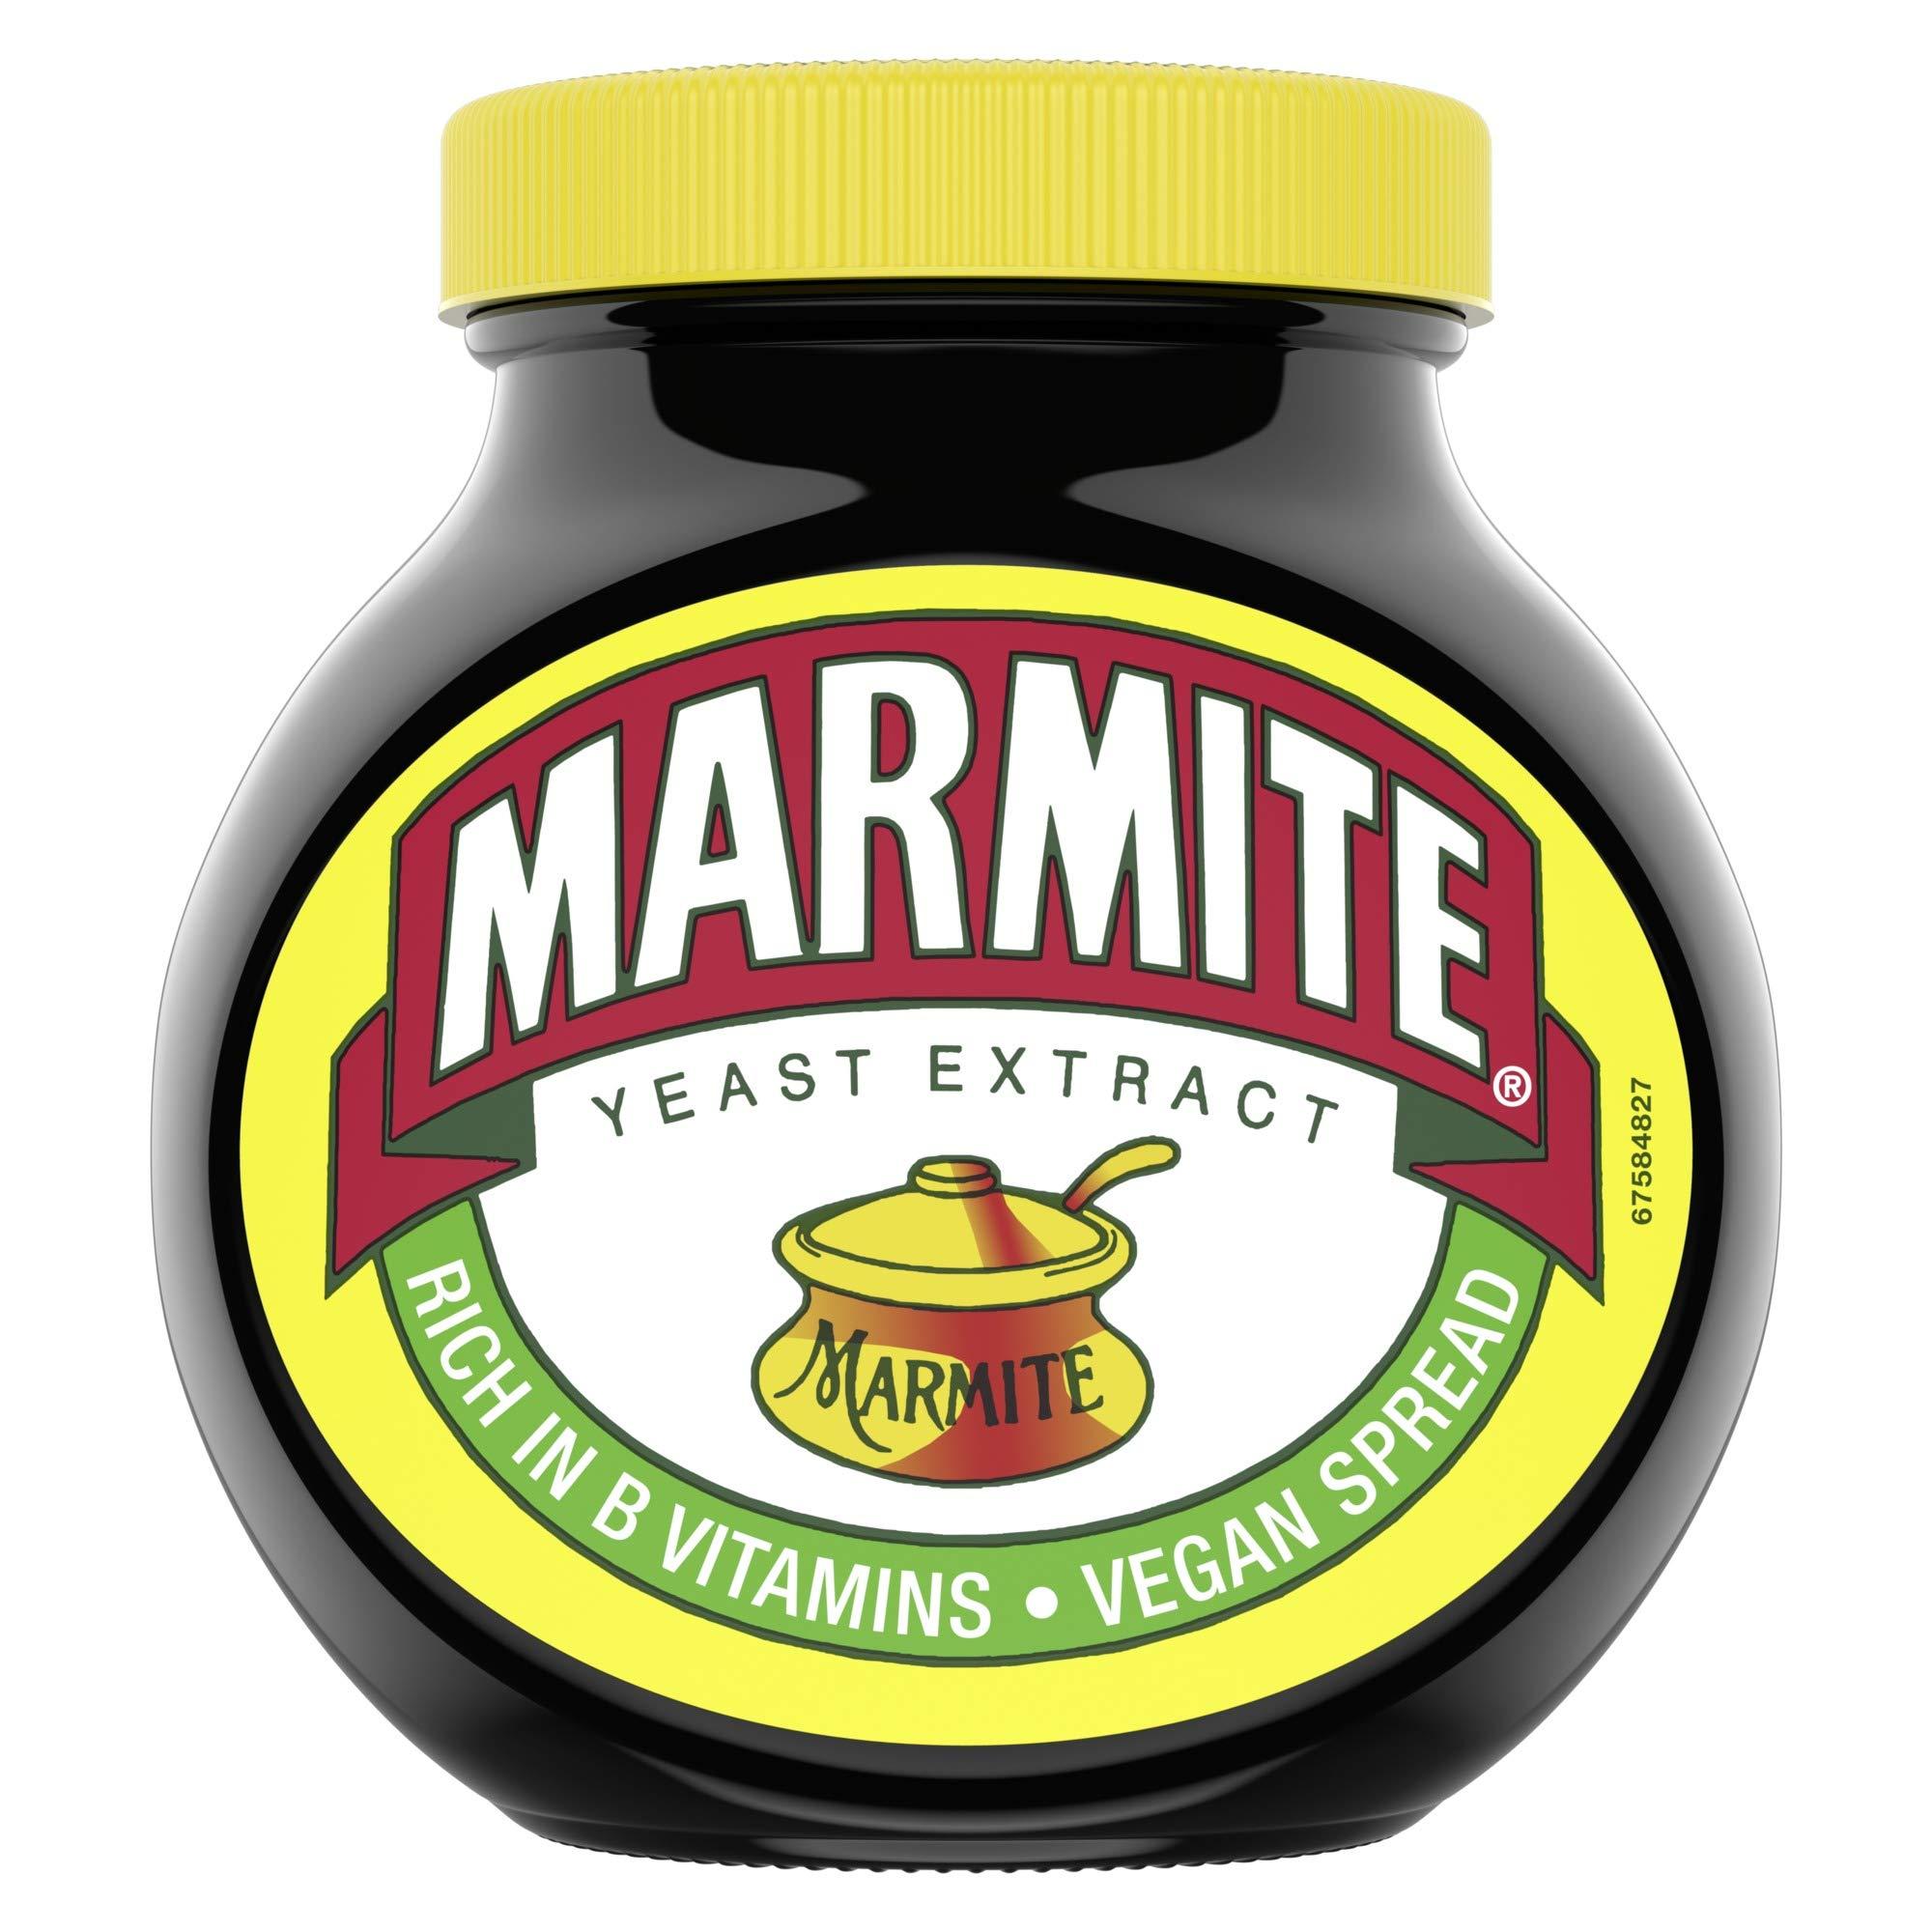 Marmite Spread Rich and Delicious Taste, 500g